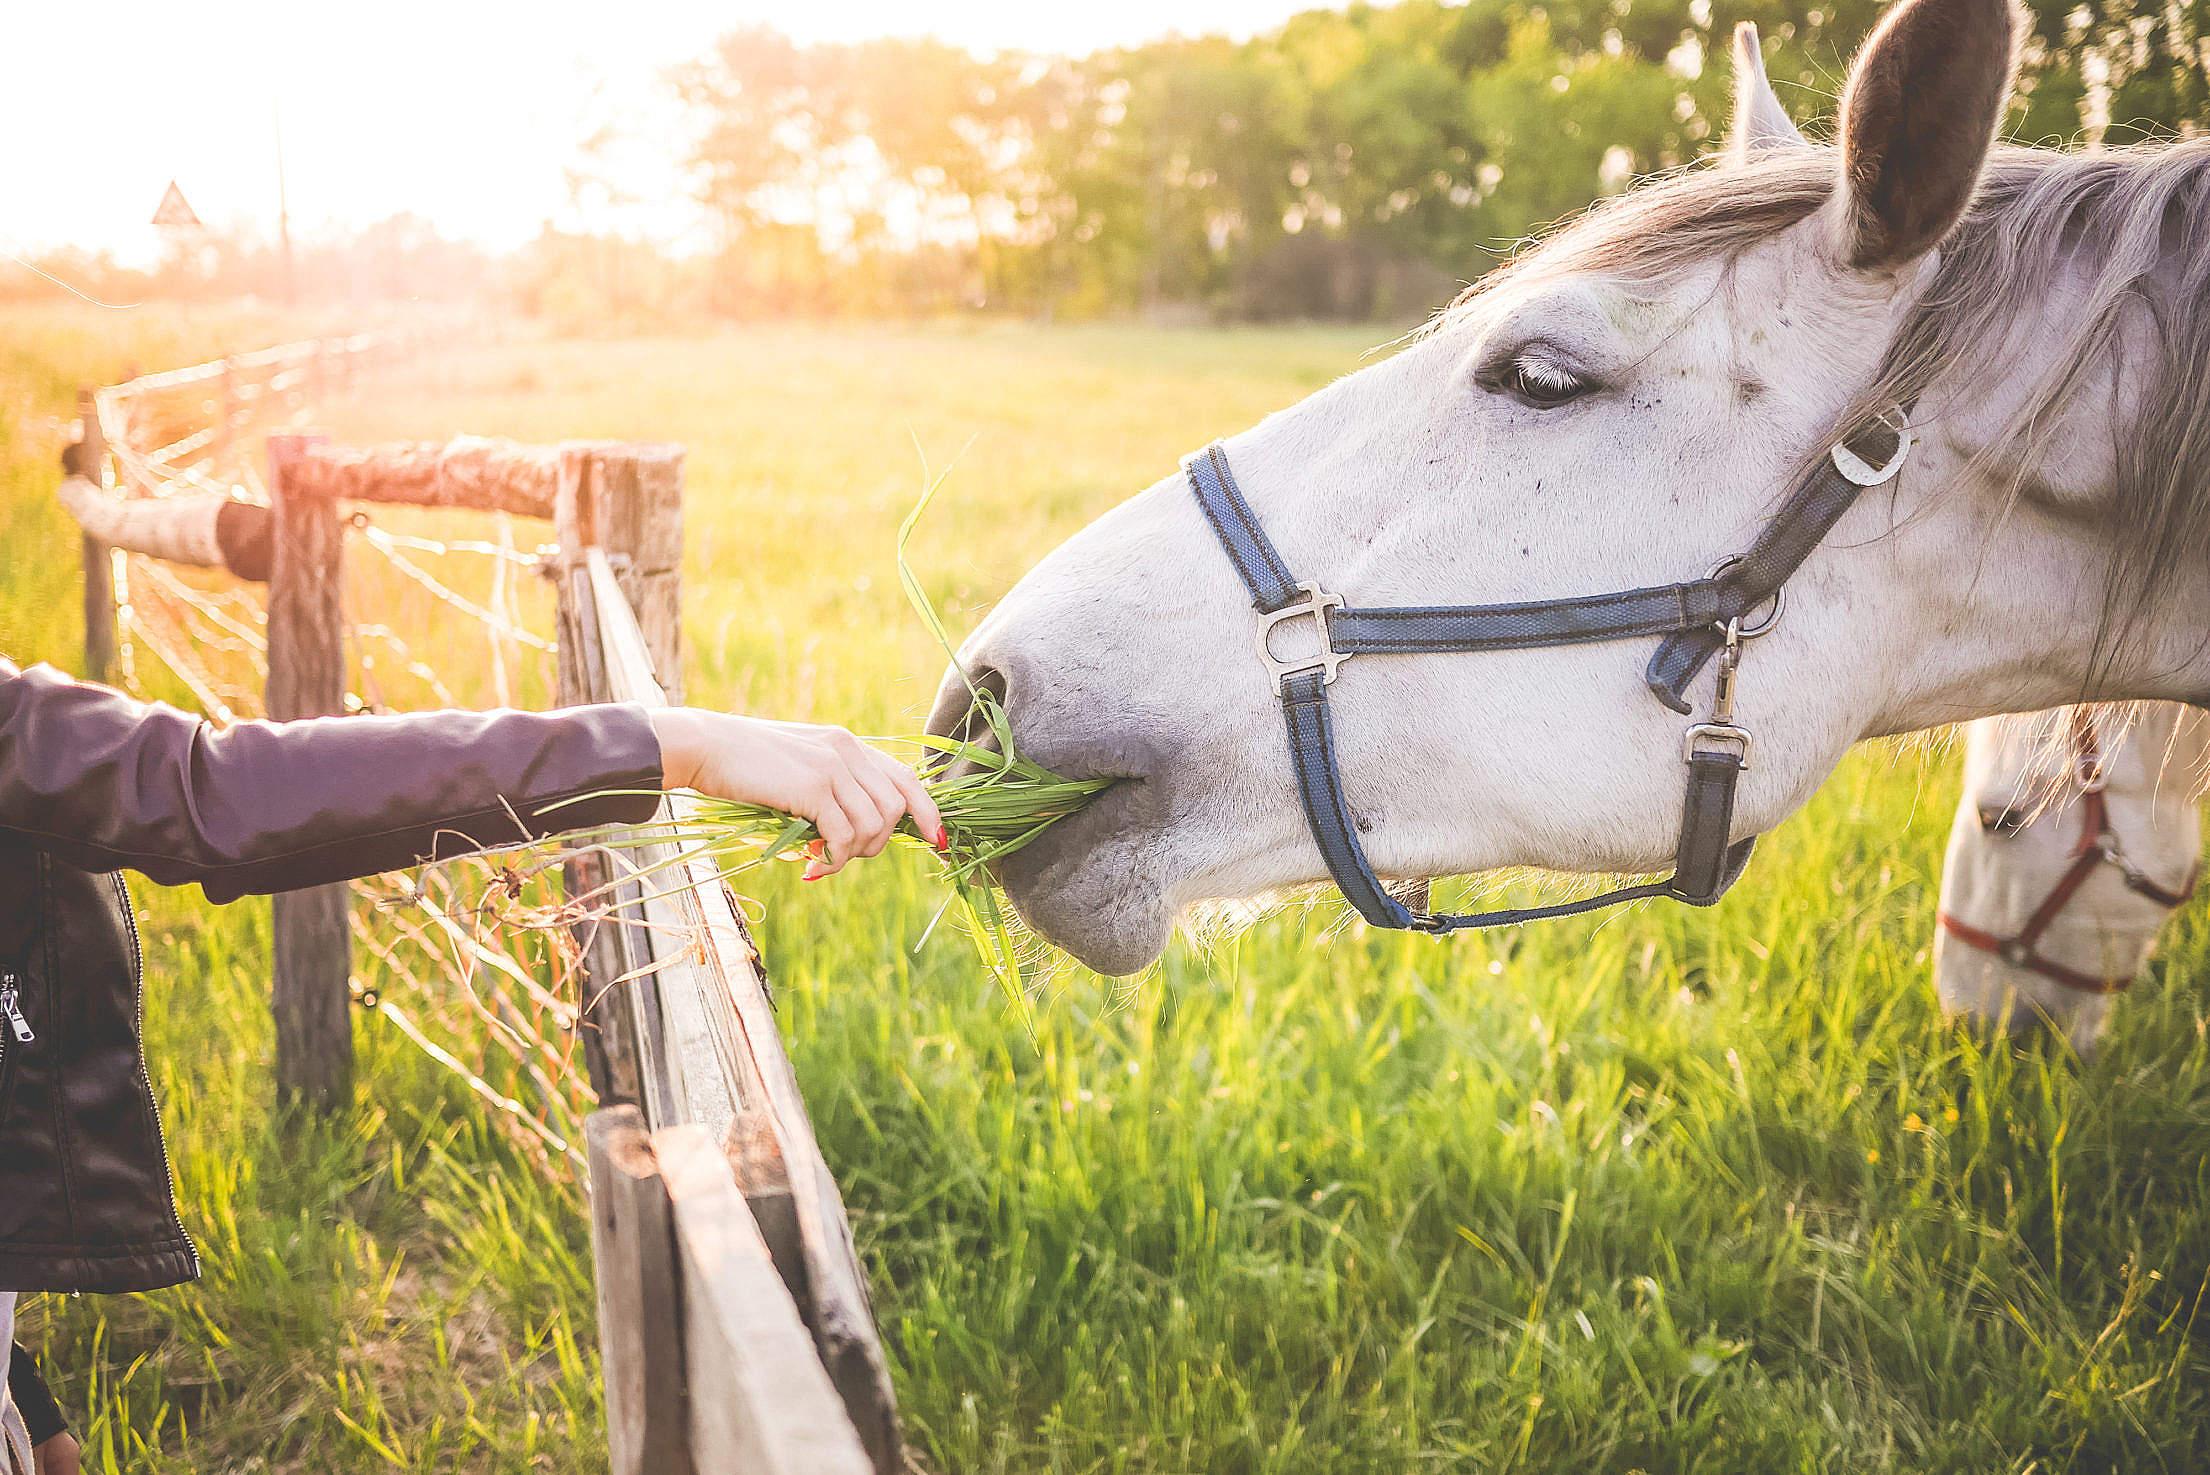 Girl Feeding a Gorgeous White Horse with Grass Free Stock Photo